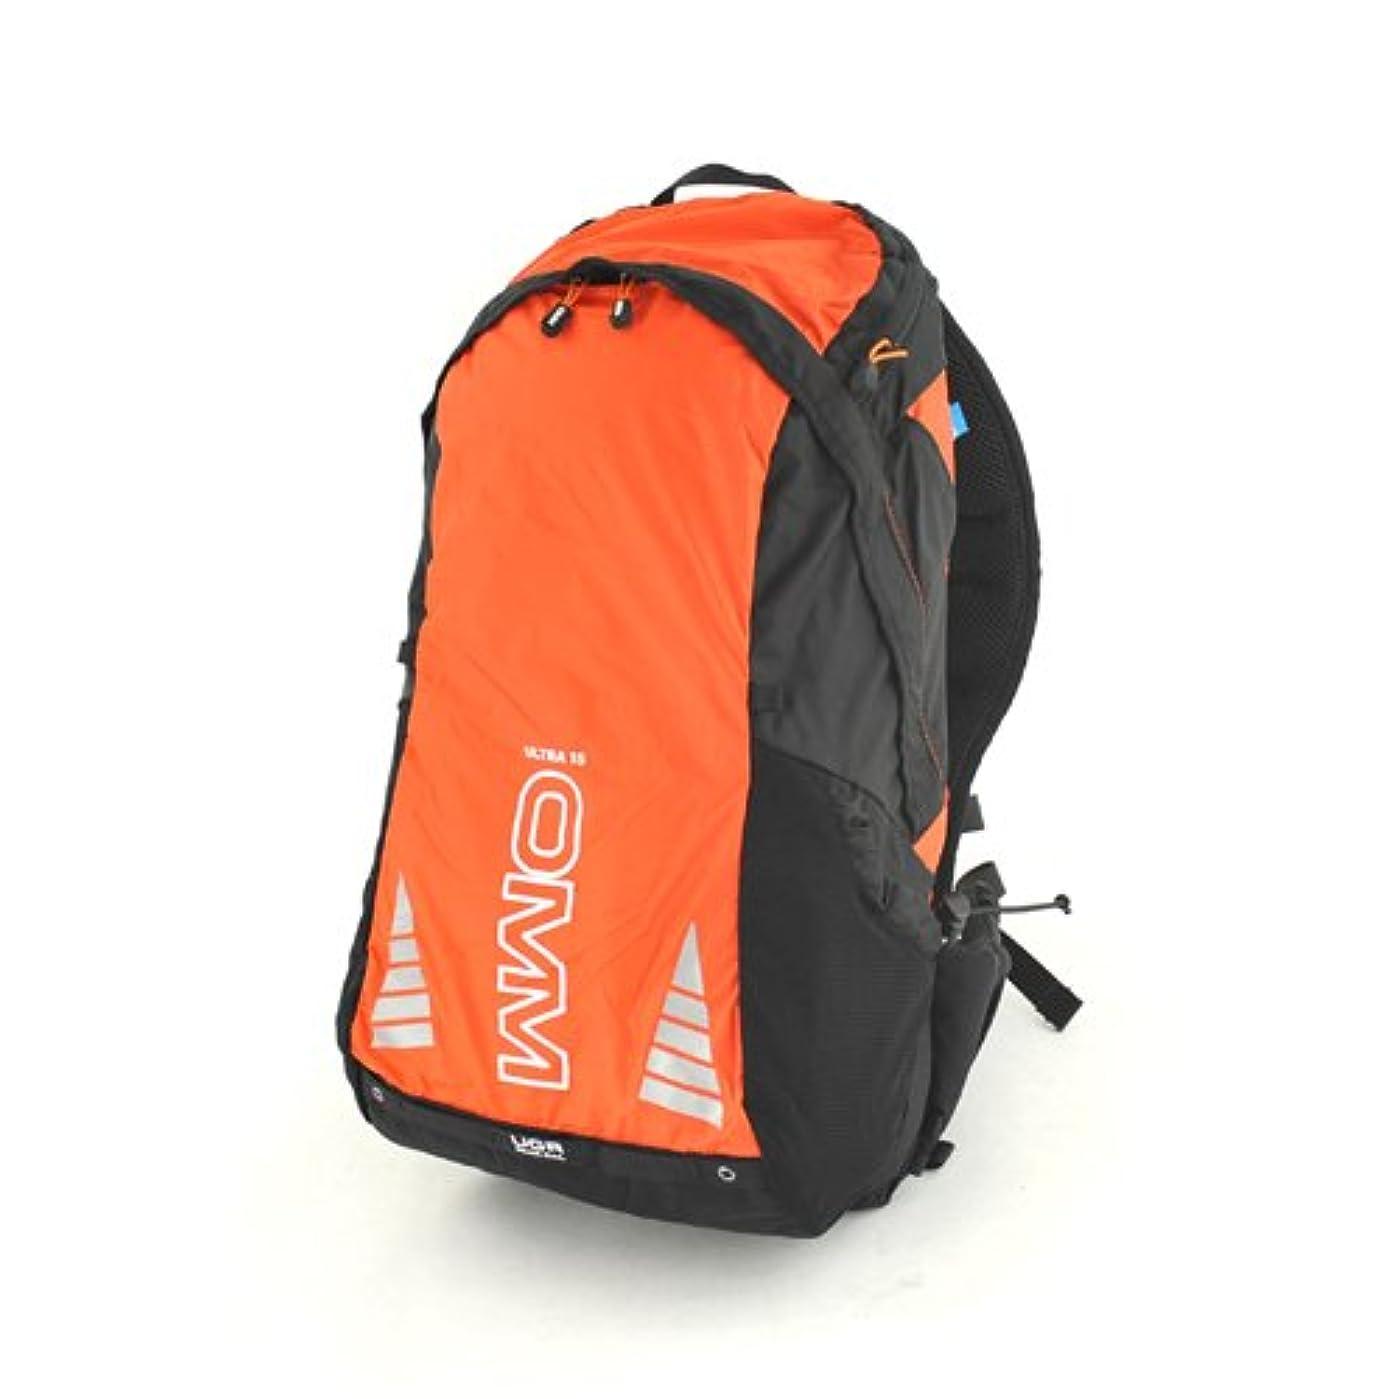 オレンジ反発する印象的OMM(ザオリジナルマウンテンマラソン) Ultra 15 Orange/Black